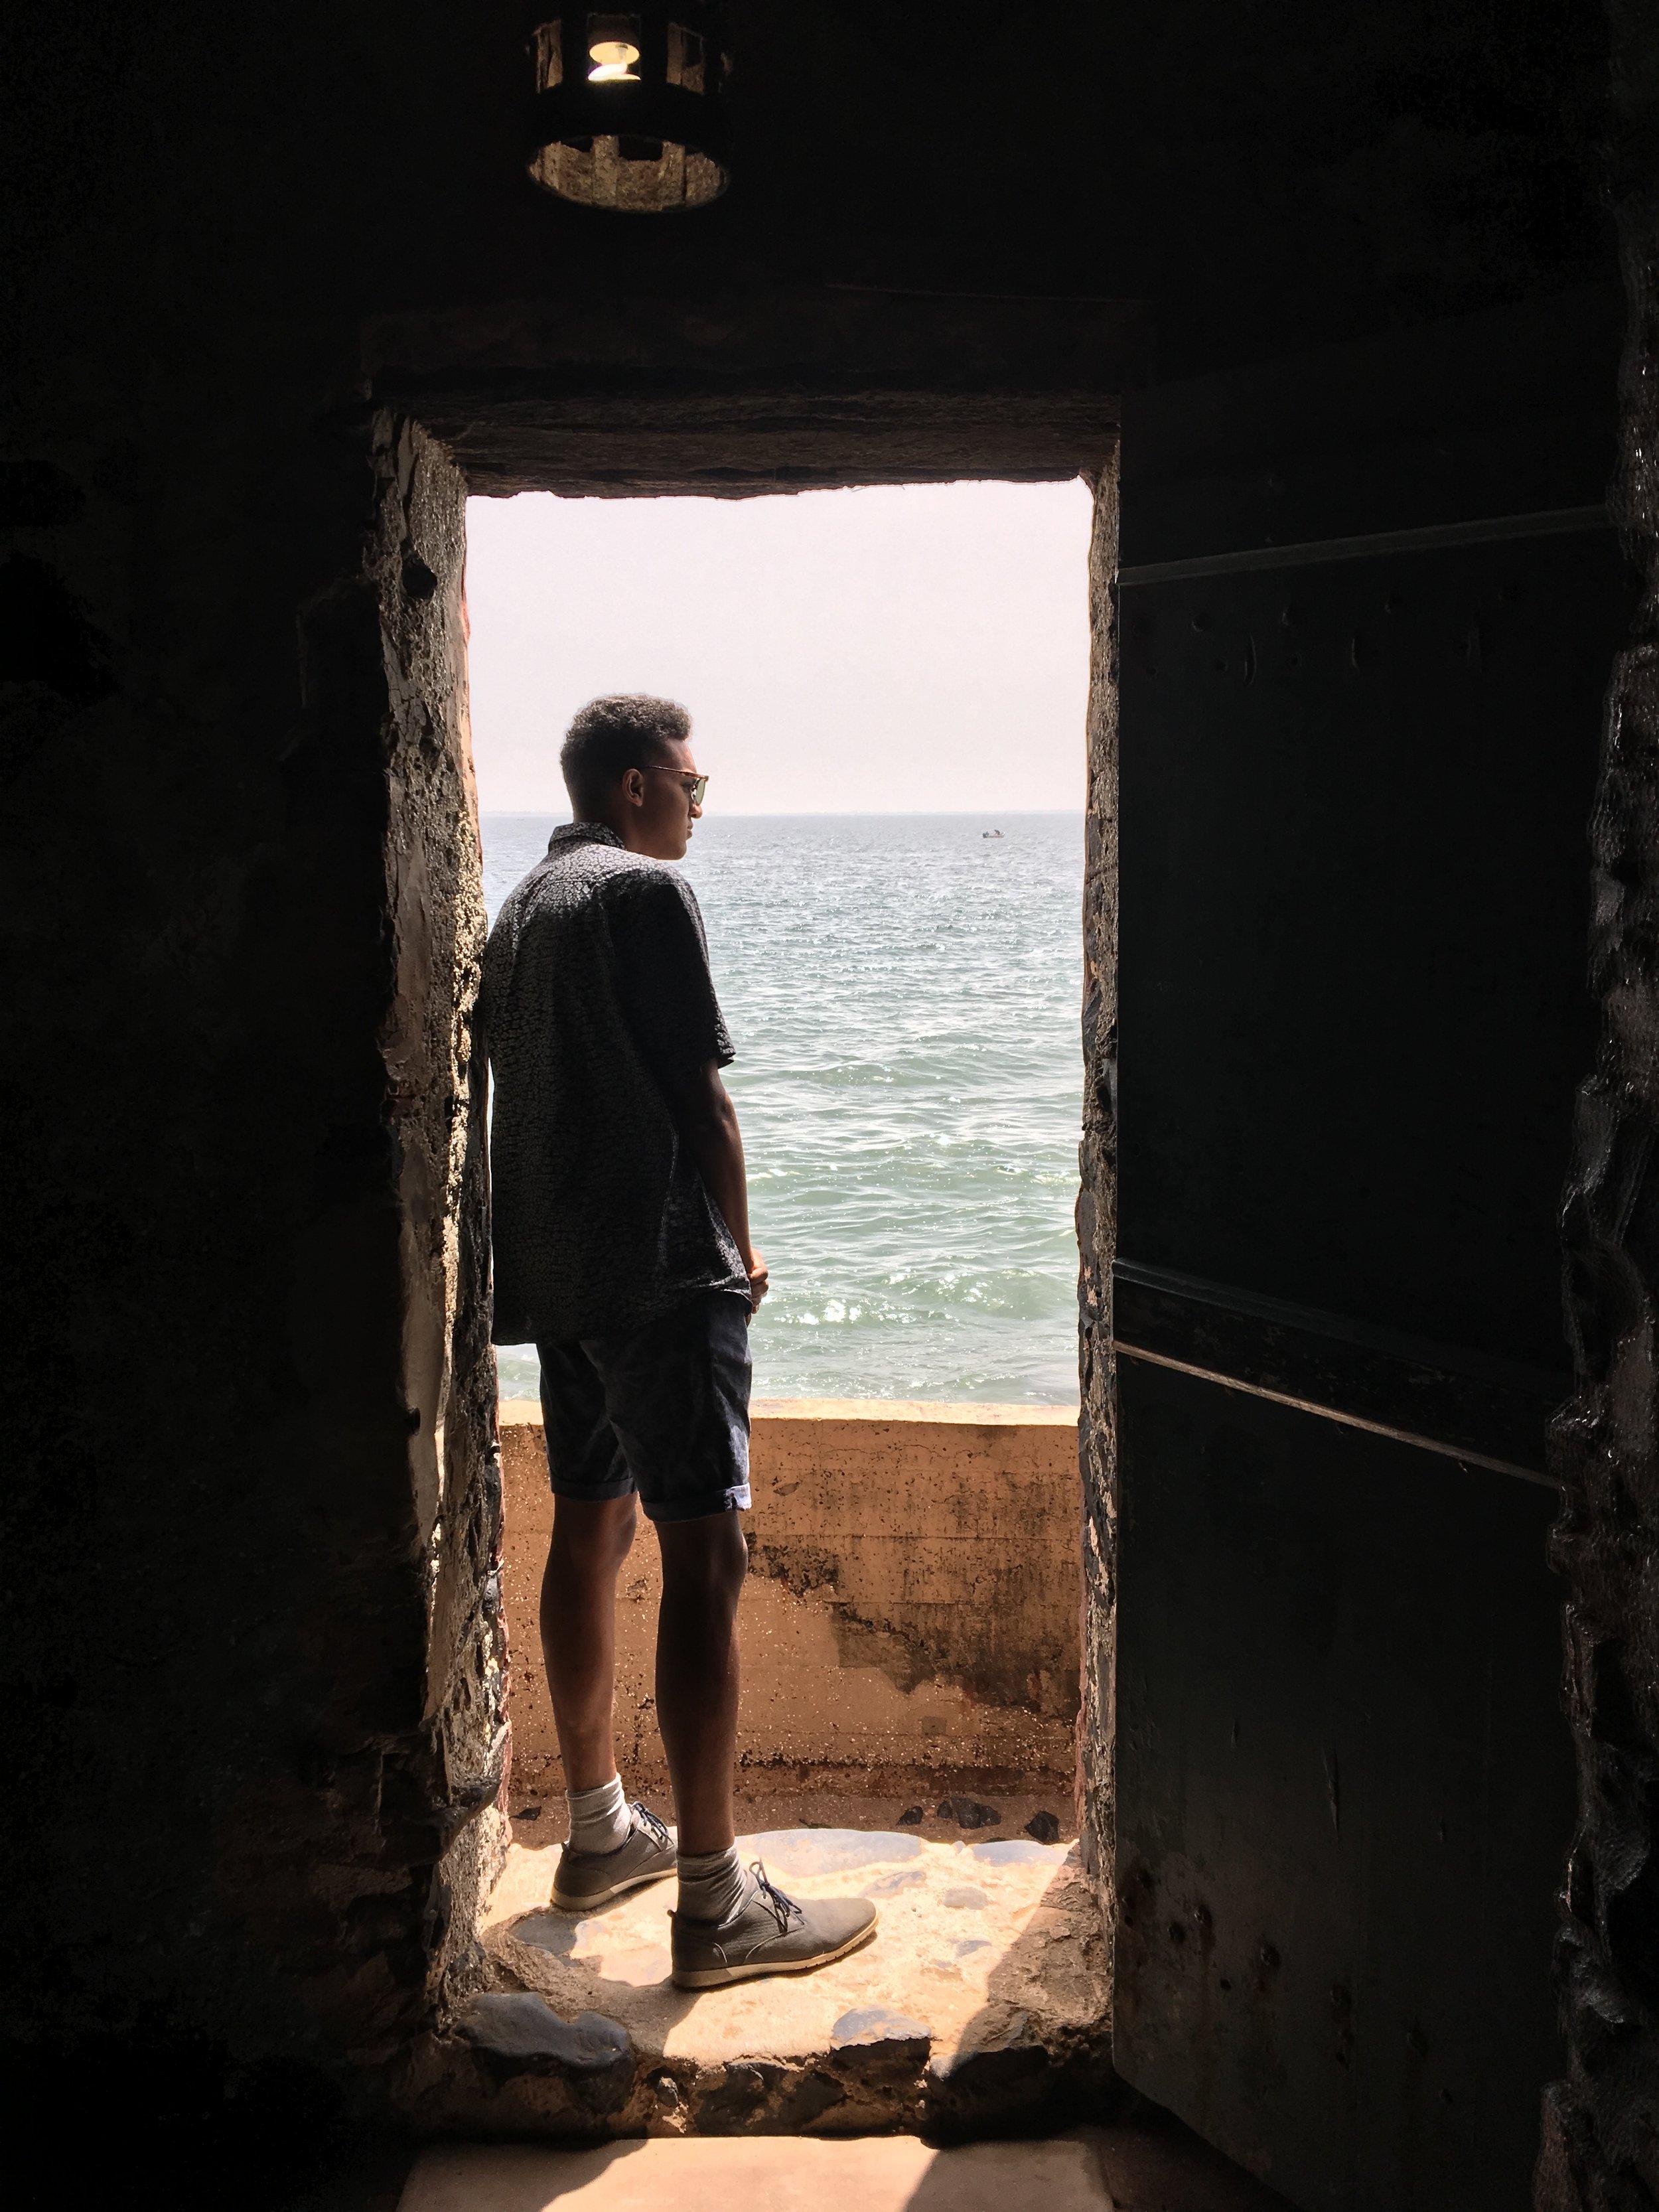 La maison des esclaves - Chadim staat in the door of no return -